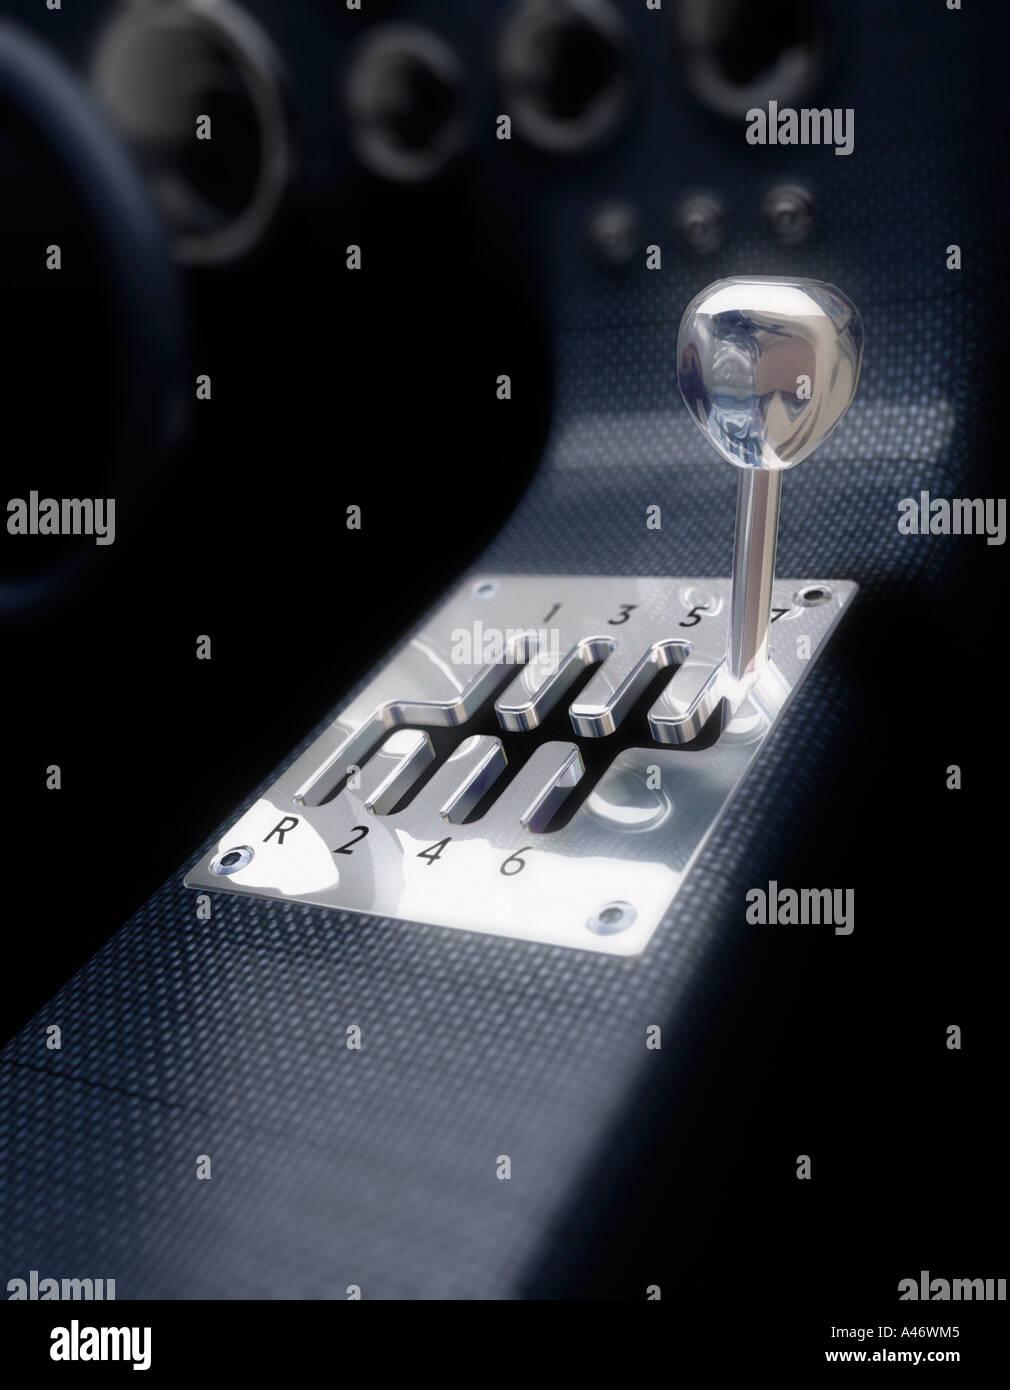 Ein sieben-Gang-Konzept-Getriebe Stockbild